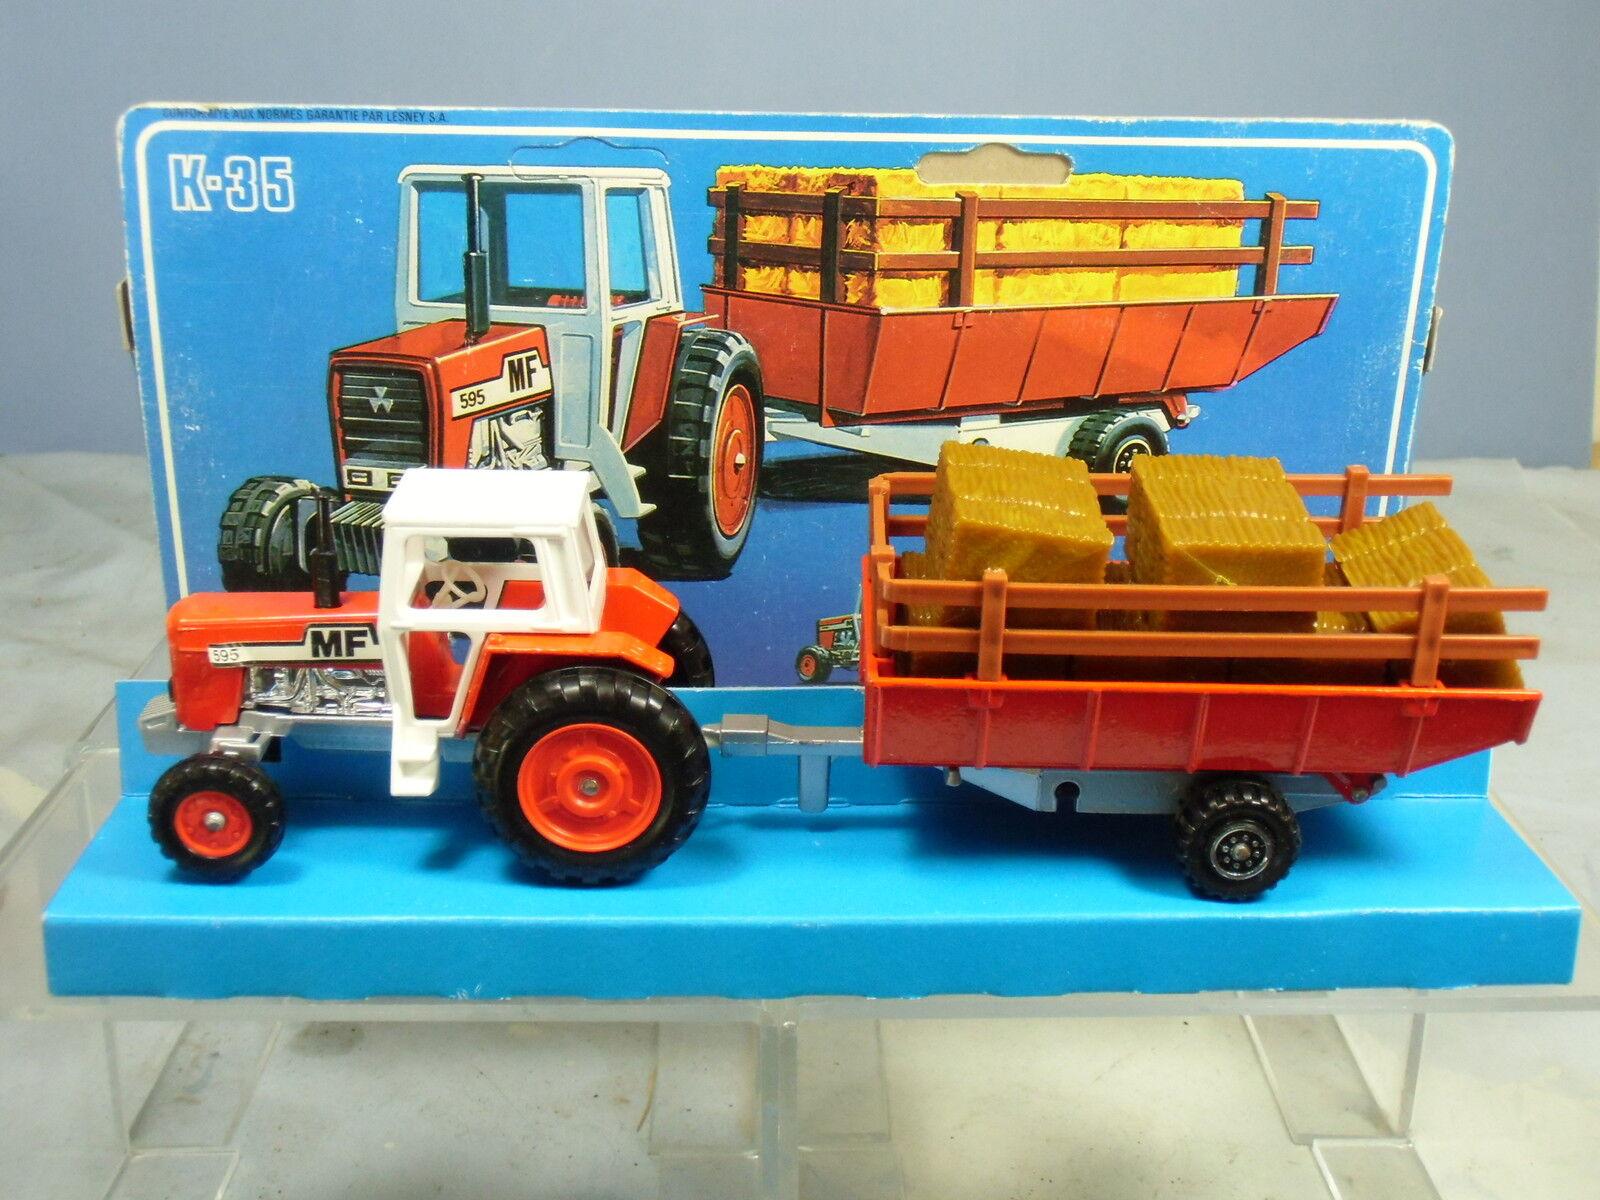 MATCHBOX SUPERKINGS modèle No.K-35 Massey Ferguson Tracteur VN En parfait état, dans sa boîte